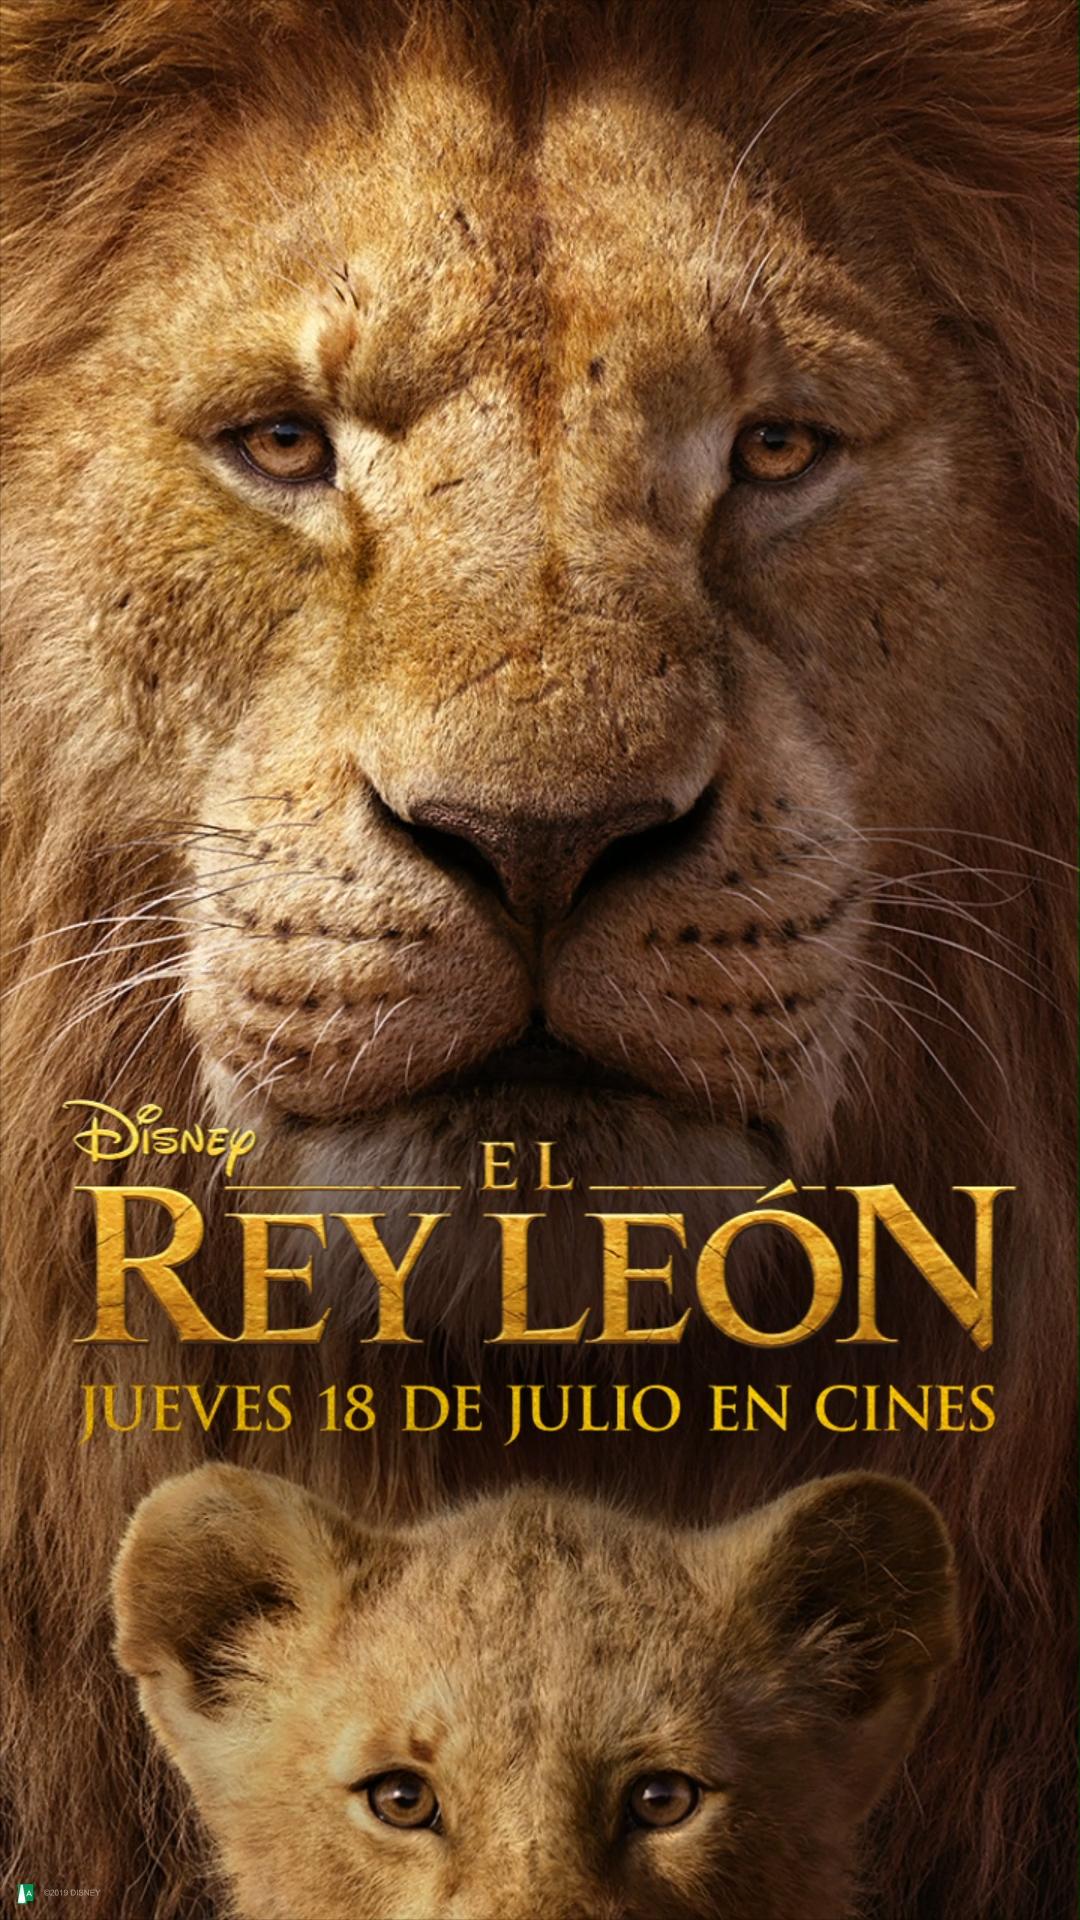 El Rey Leon Video El Rey Leon Pelicula Imagenes Del Rey Leon El Rey Leon